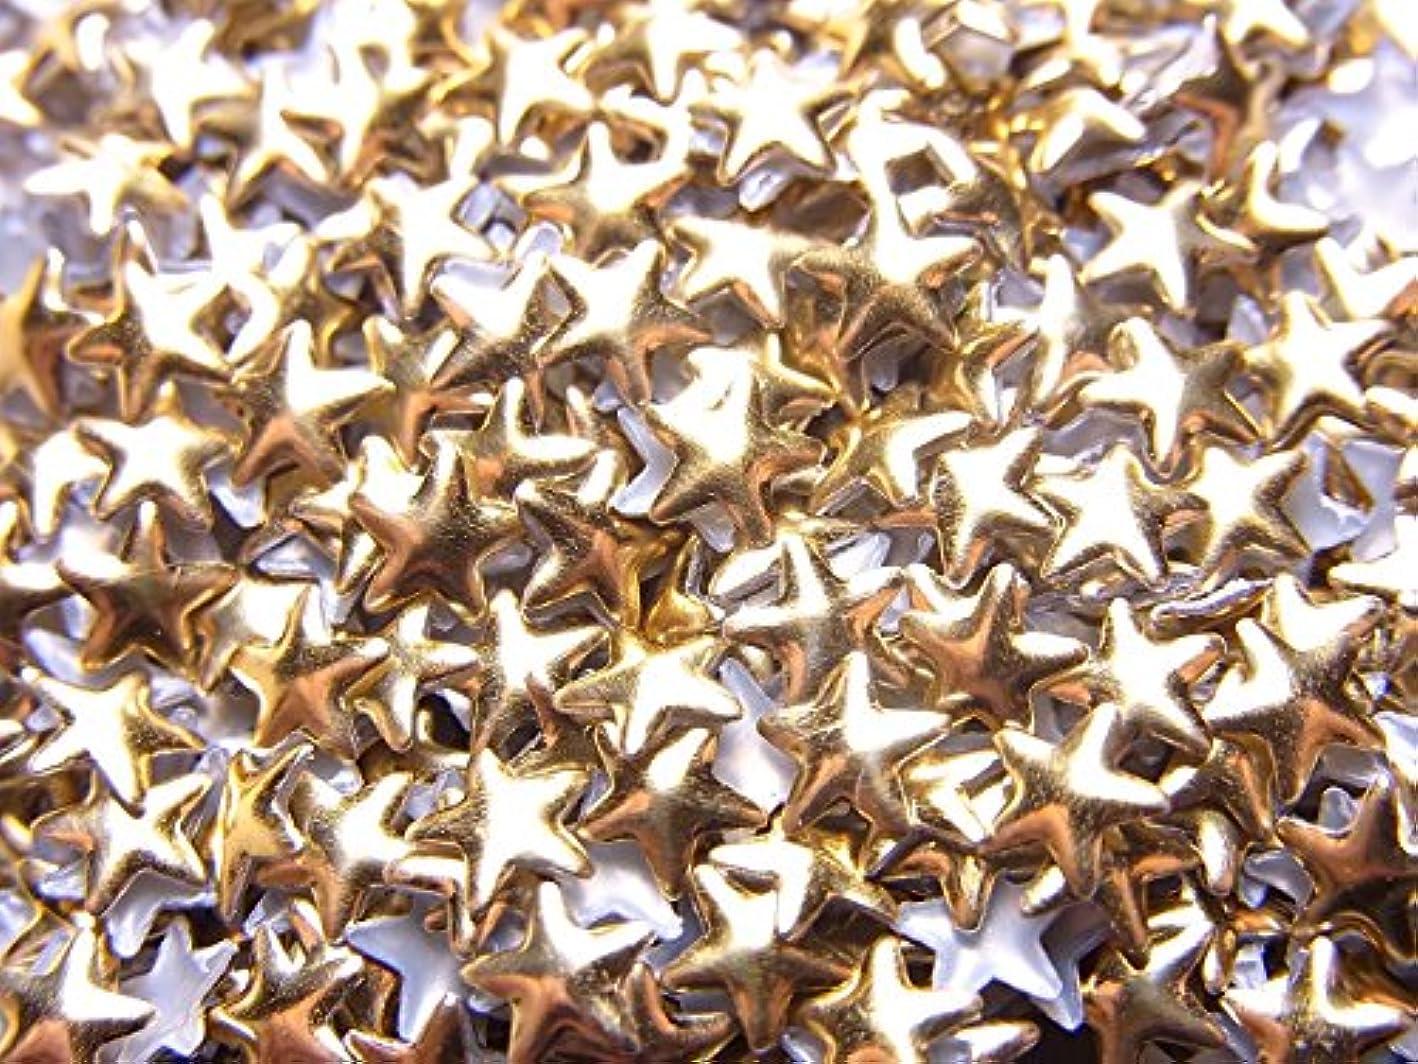 教会検証意志に反する【jewel】スター型(星)メタルスタッズ 4mm ゴールド 約100粒入り